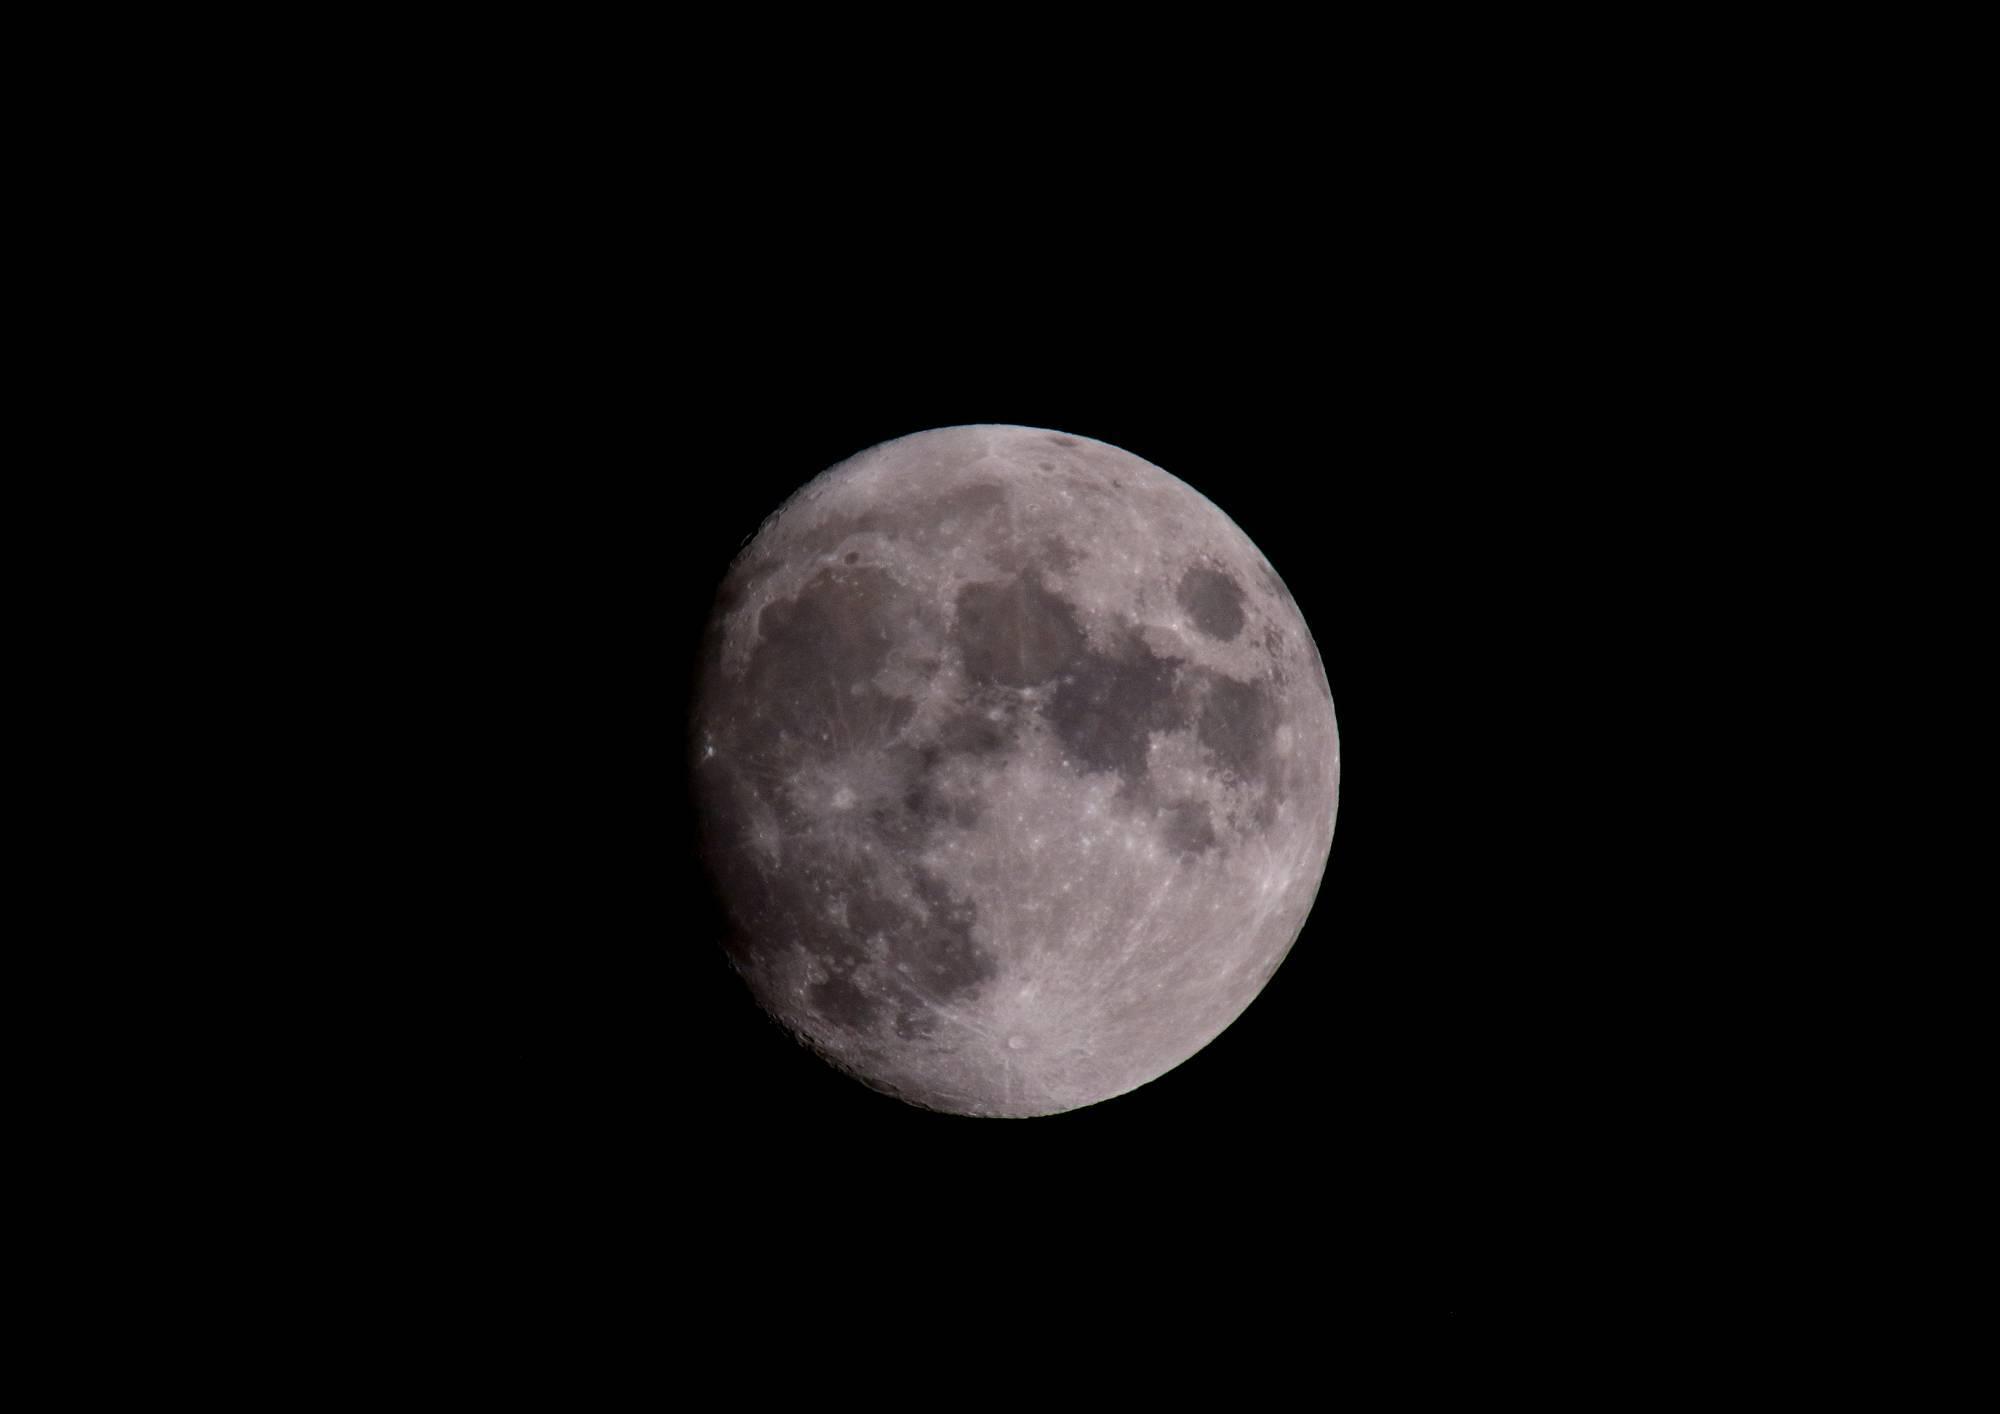 月(Moon) そのⅠ_a0140608_20411720.jpg